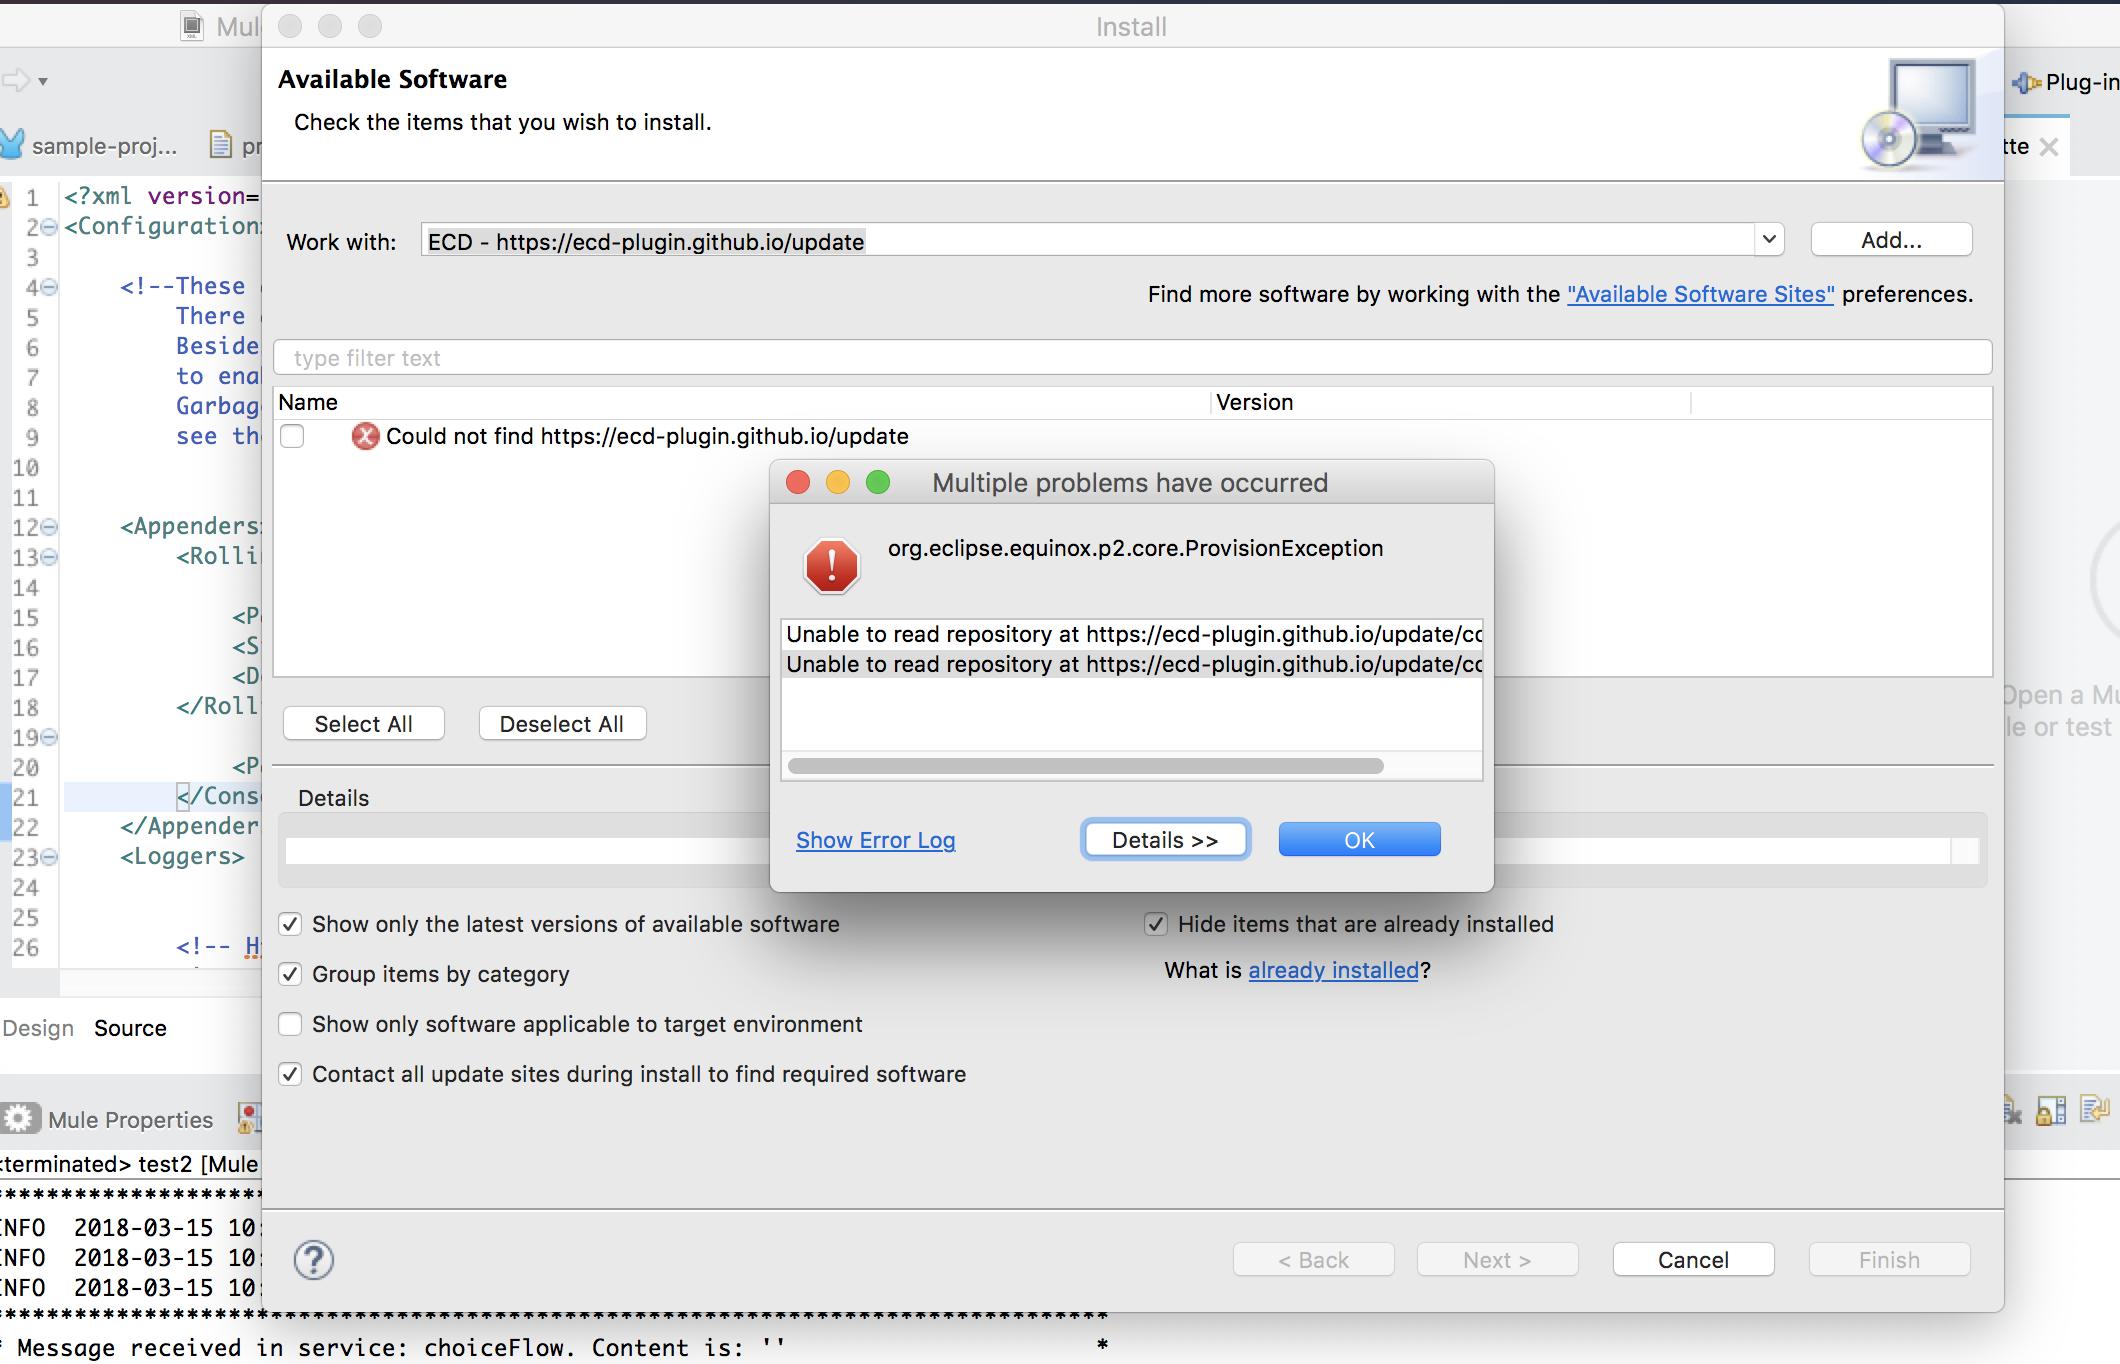 Unable to read repository error when adding Eclipse plugin